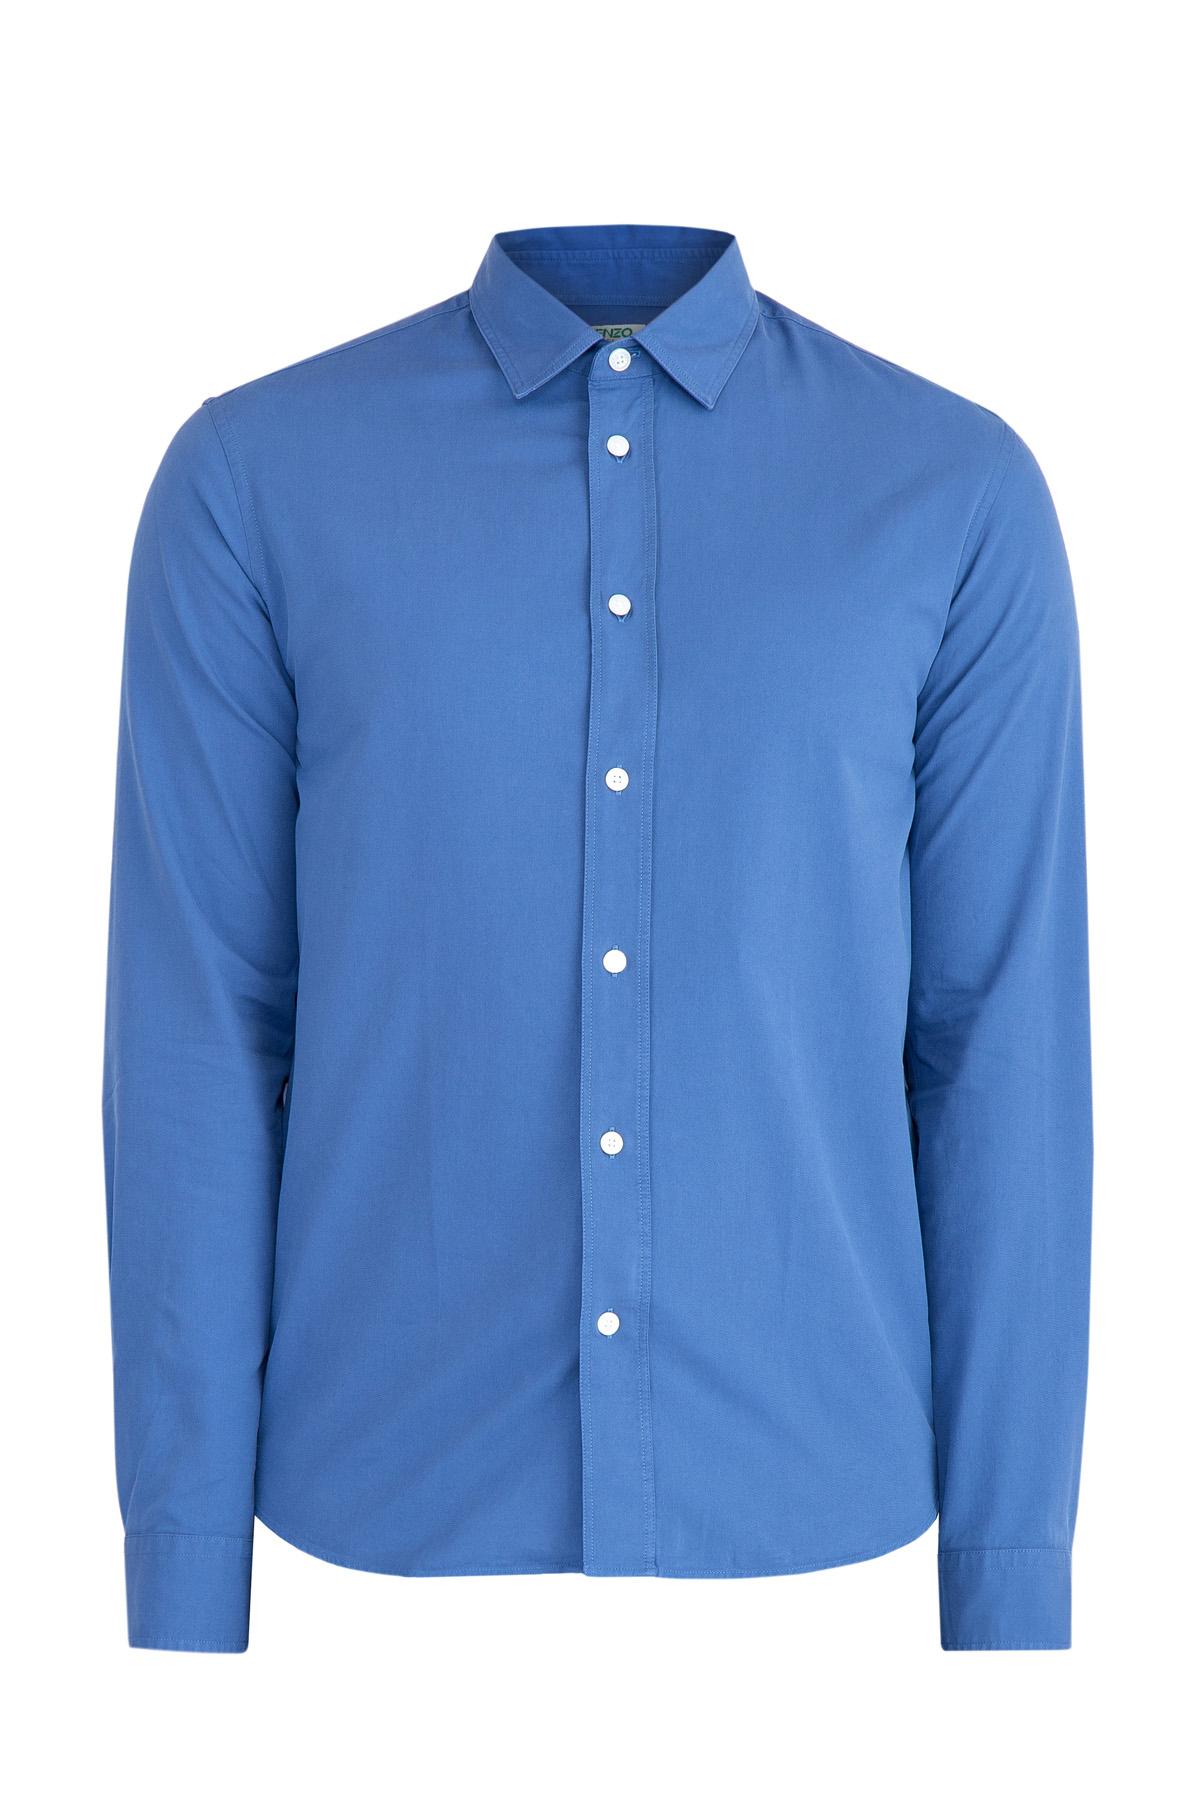 Рубашка, KENZO, Франция, хлопок 100%  - купить со скидкой